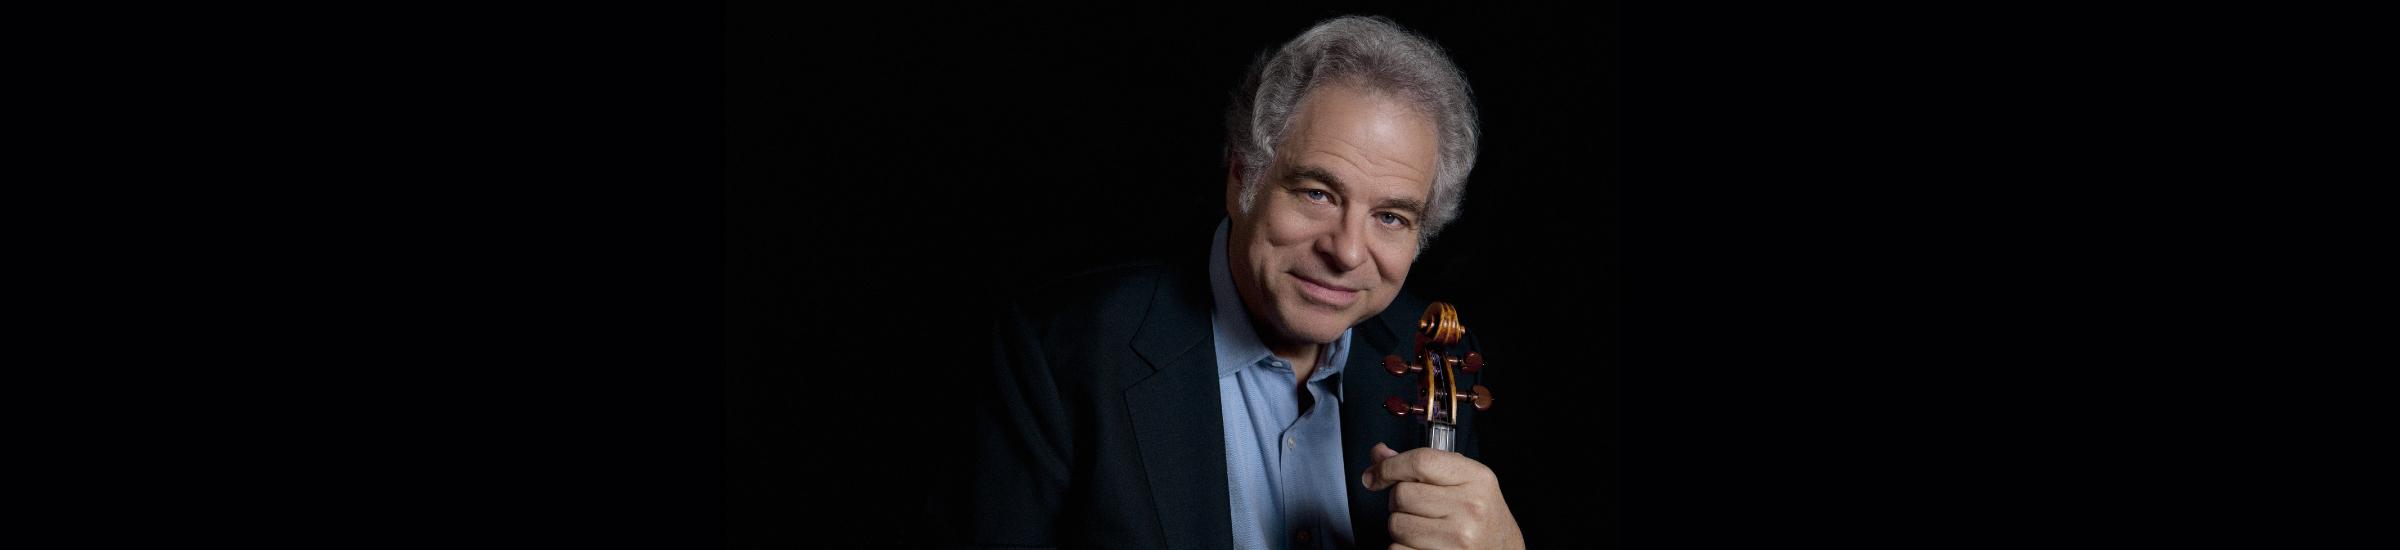 Itzak Perlman at the Houston Symphony